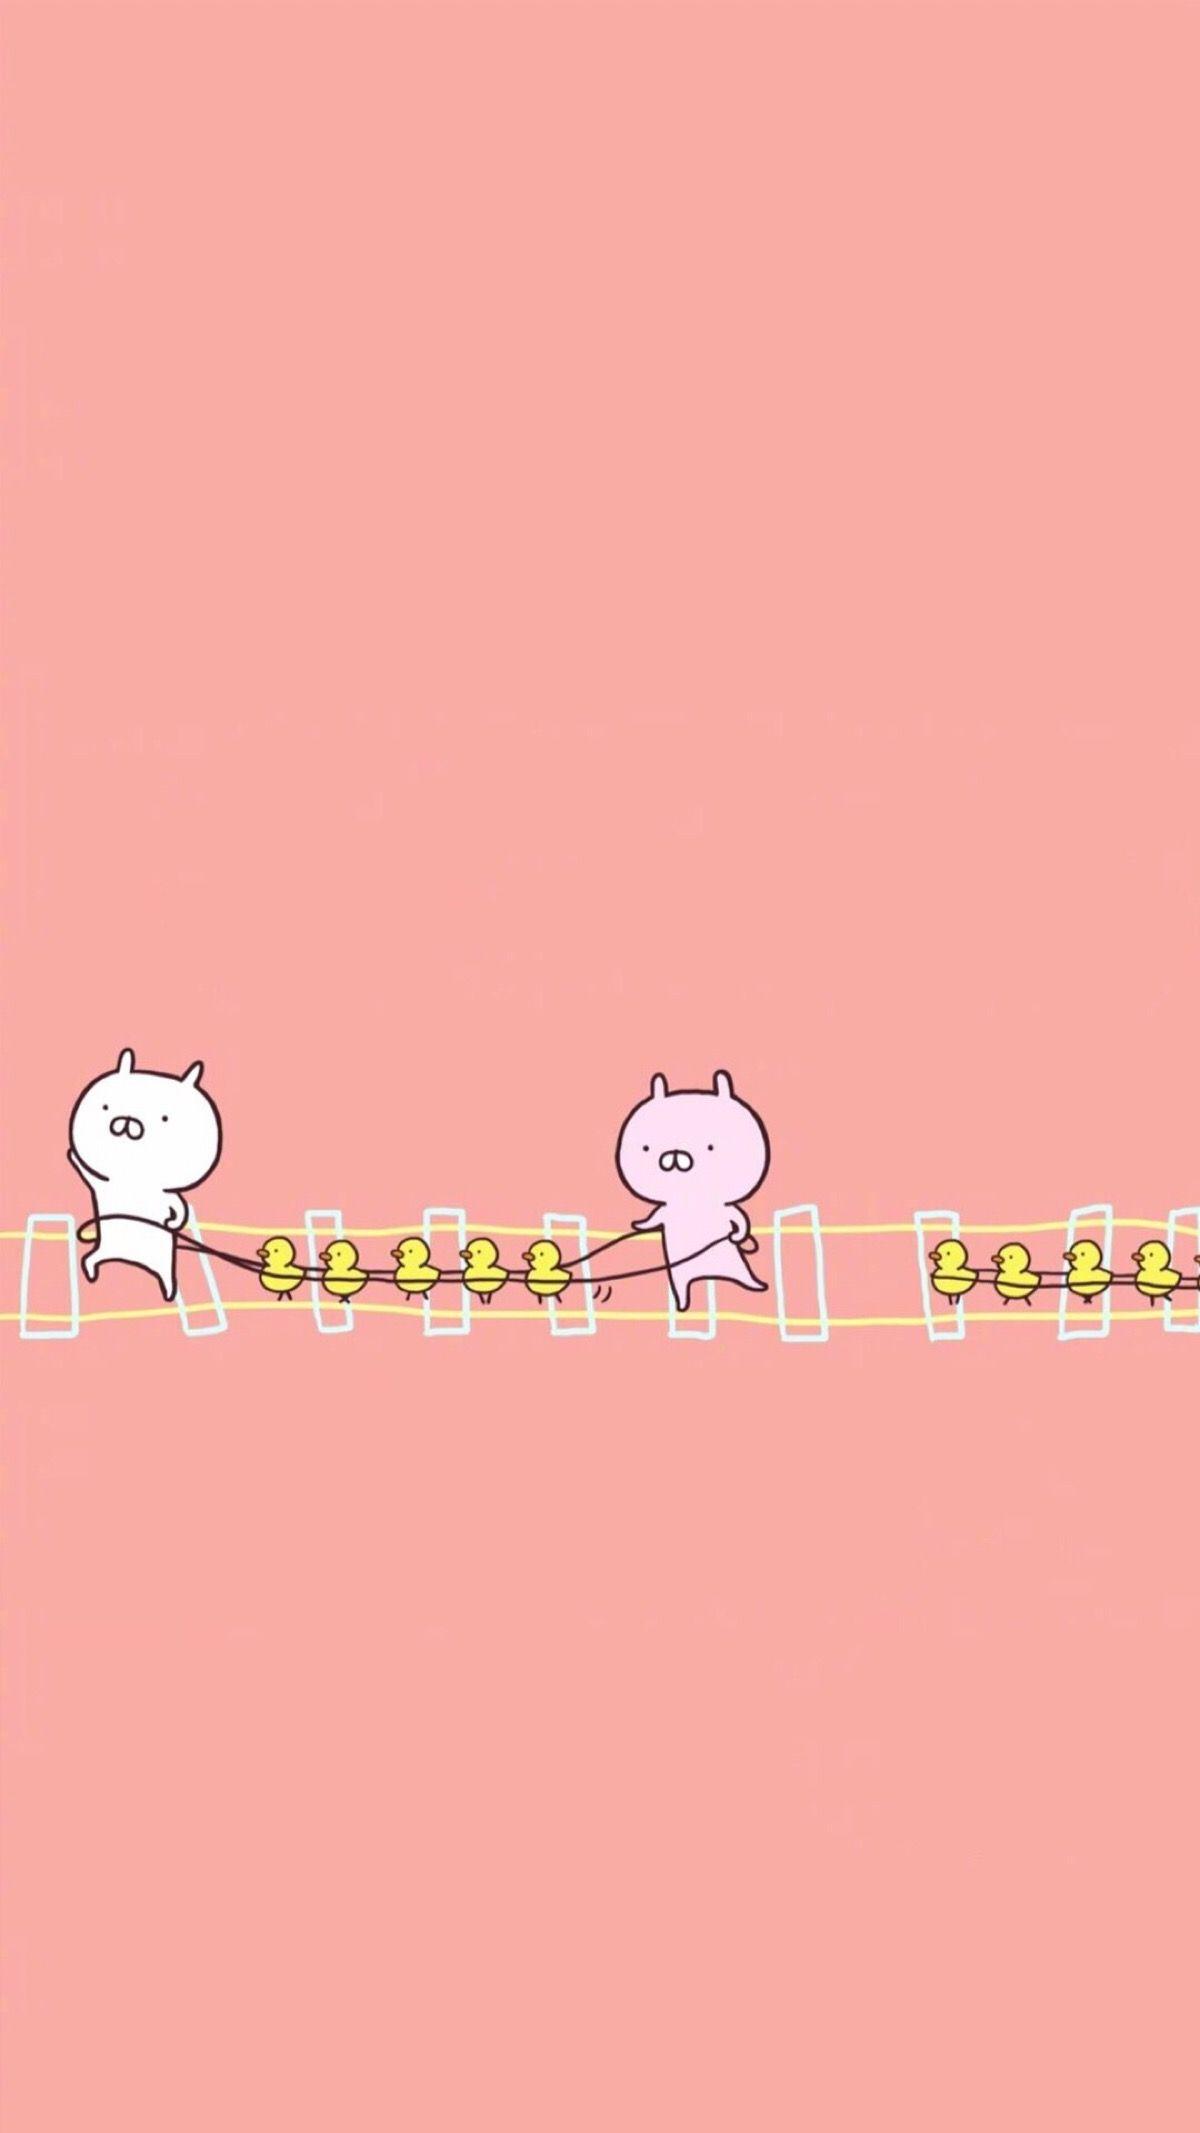 Cute Small Things おしゃれまとめの人気アイデア Pinterest えりか 小倉 うさまる 壁紙 うさまる イラスト スヌーピーの壁紙